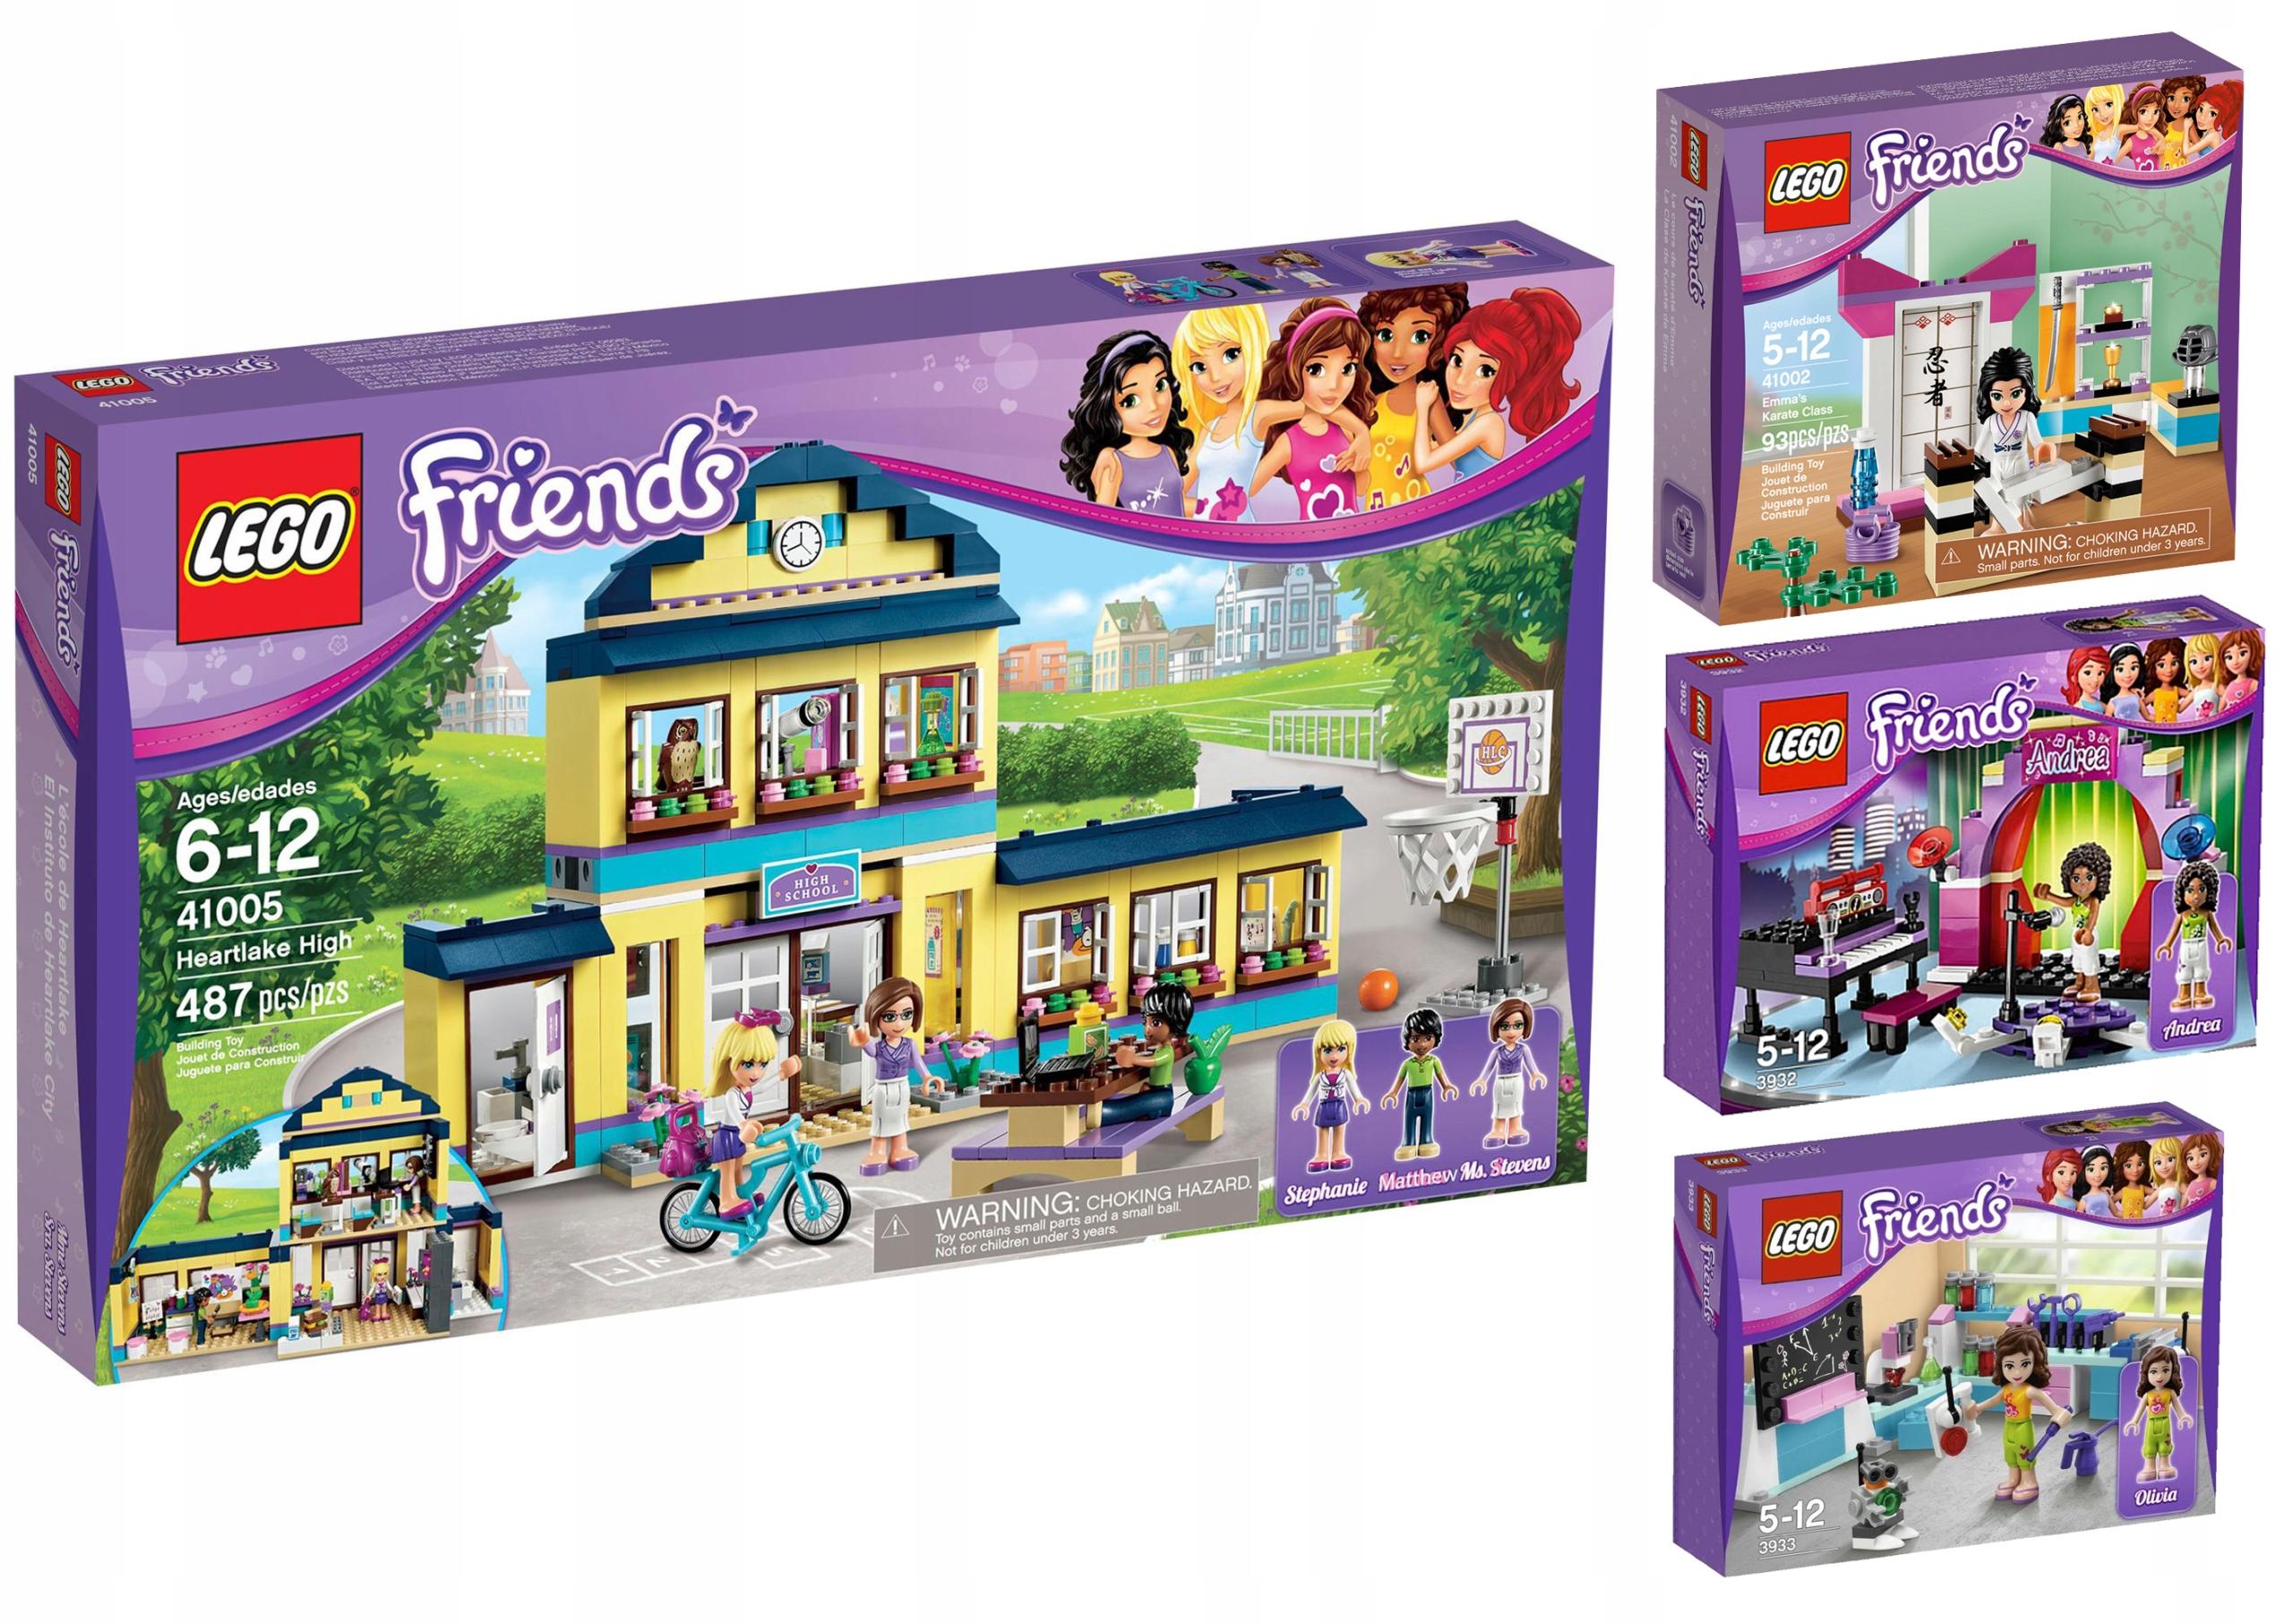 Klocki Lego Zestaw Friends Szkoła 41005 Inne 7477879154